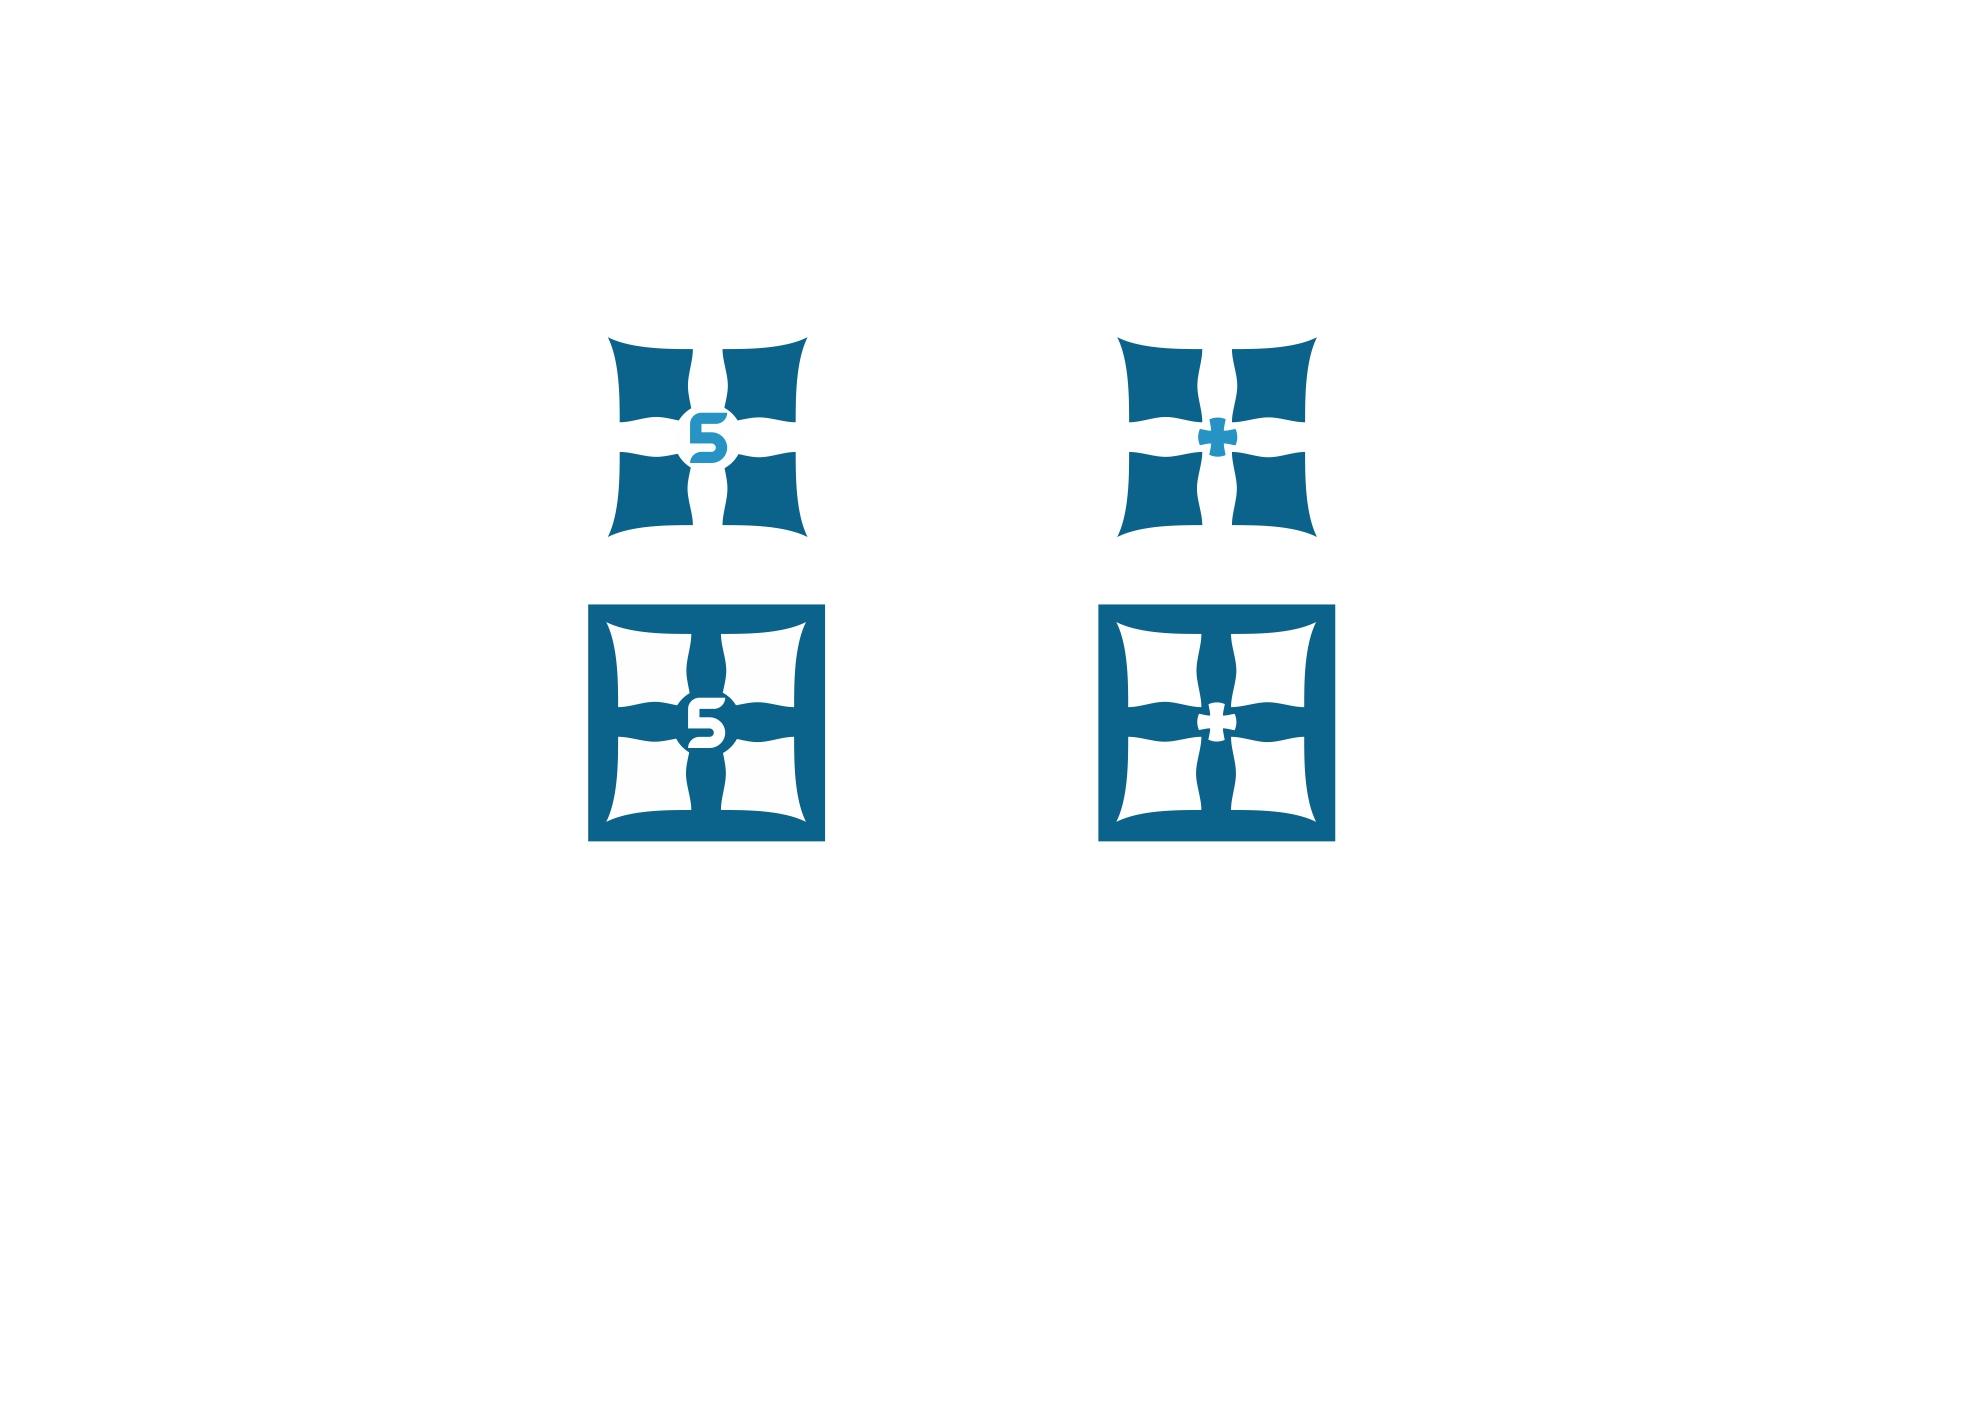 Готовый логотип или эскиз (мед. тематика) фото f_94255b33ce778feb.jpg